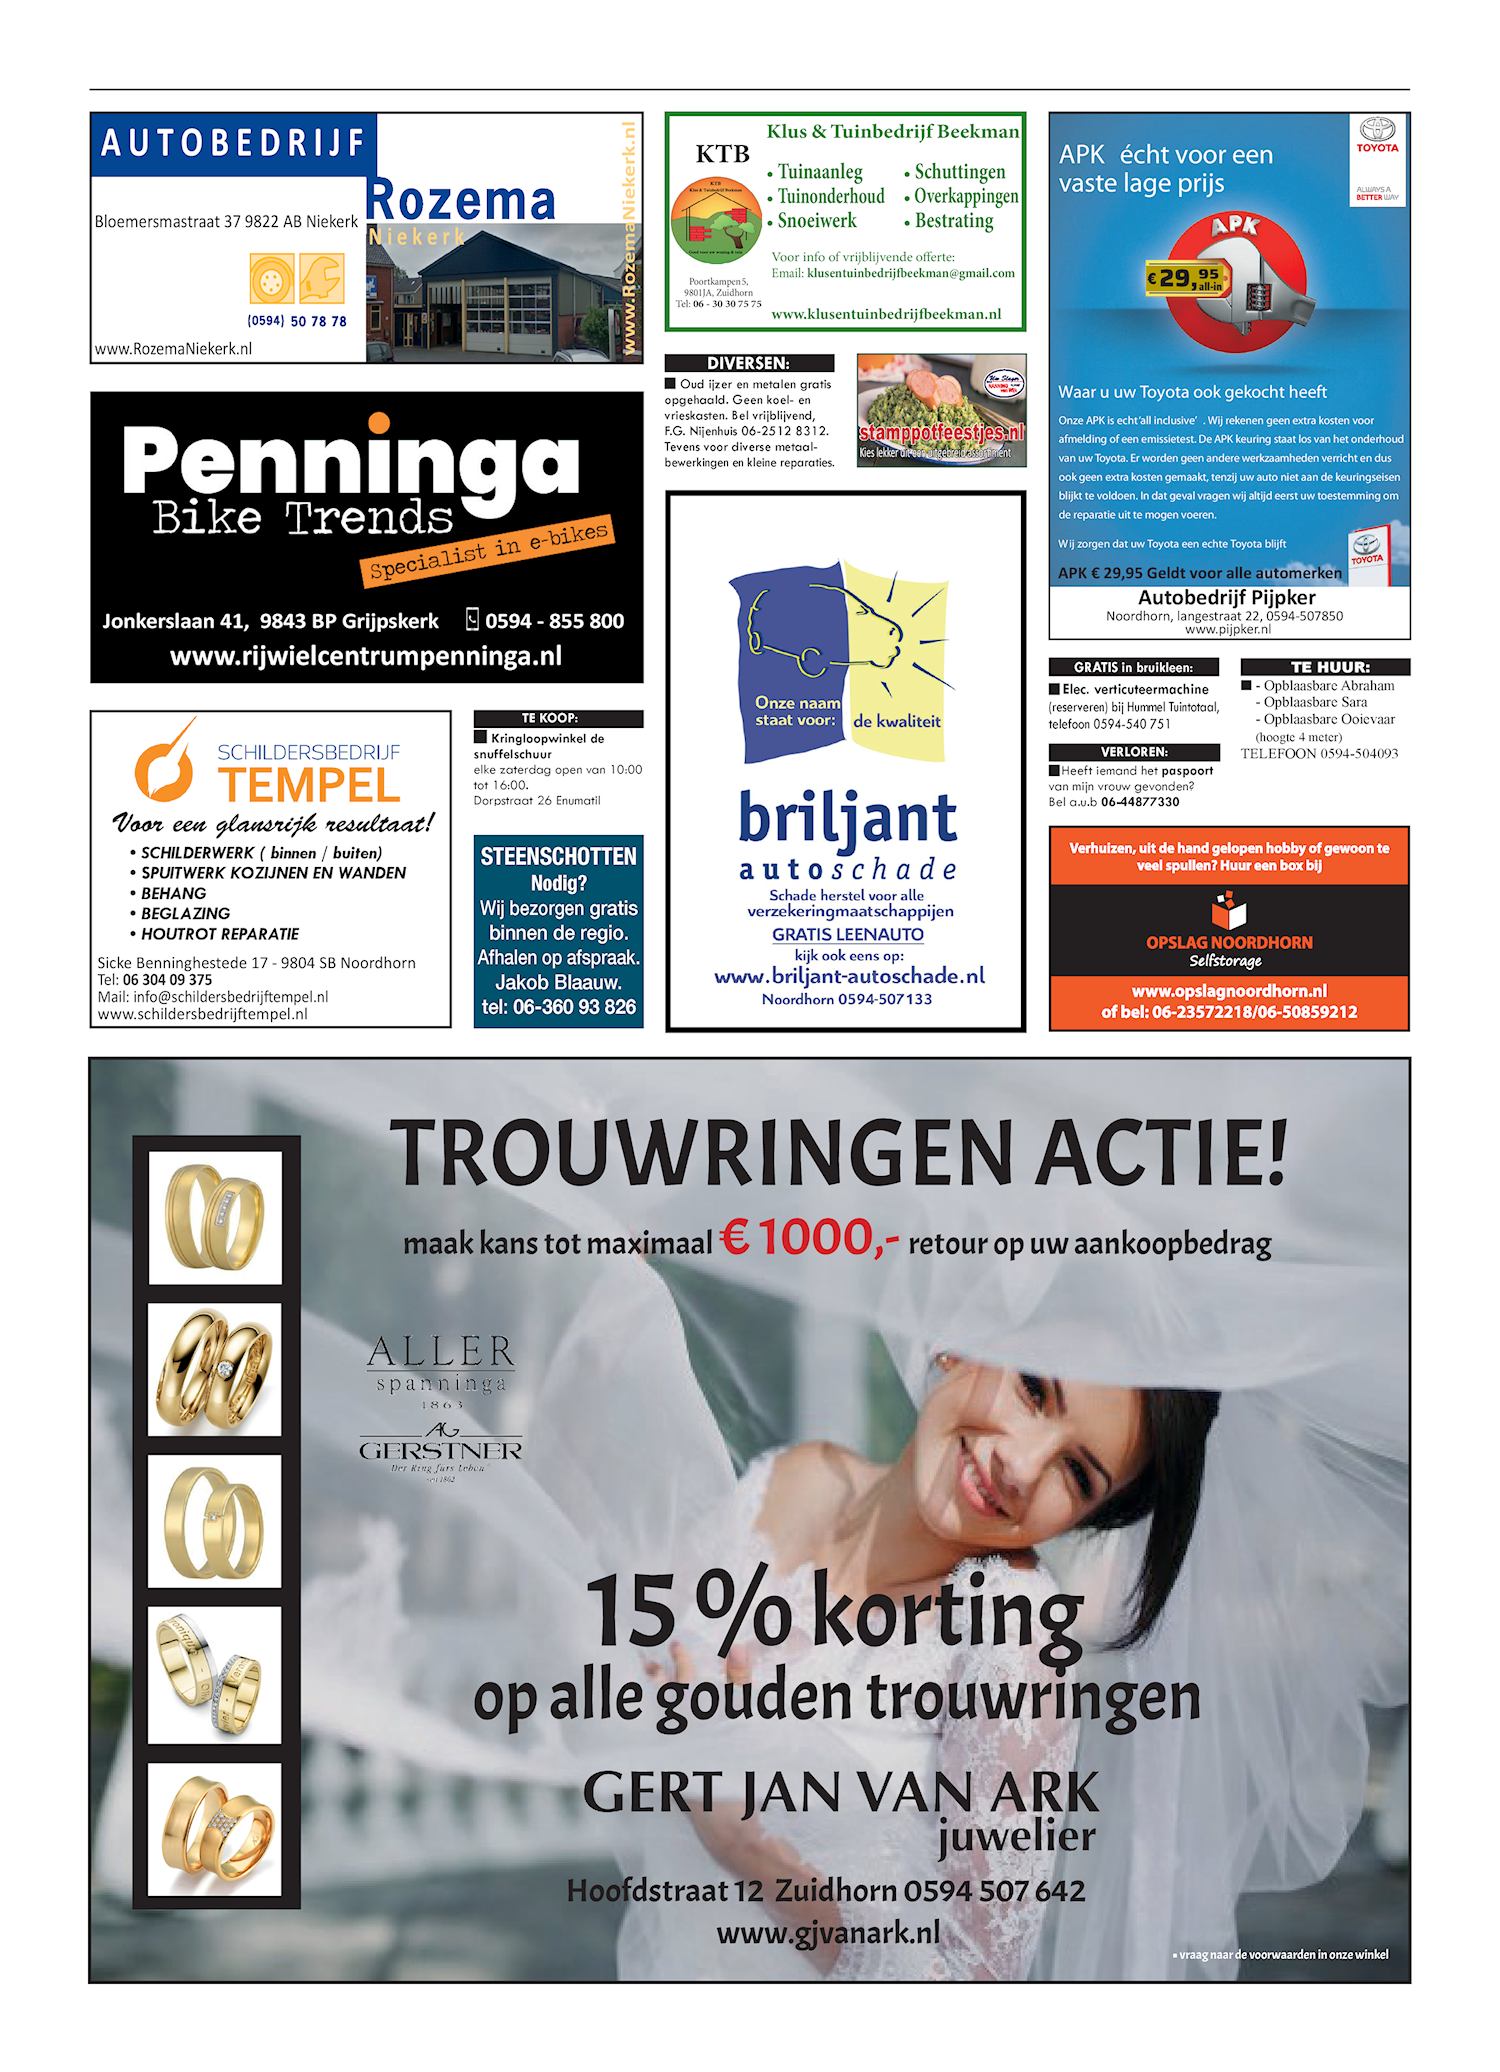 Drukkerij Hekkema - Zuidhorn - Zaken die uw aandacht vragen 2020 week 8